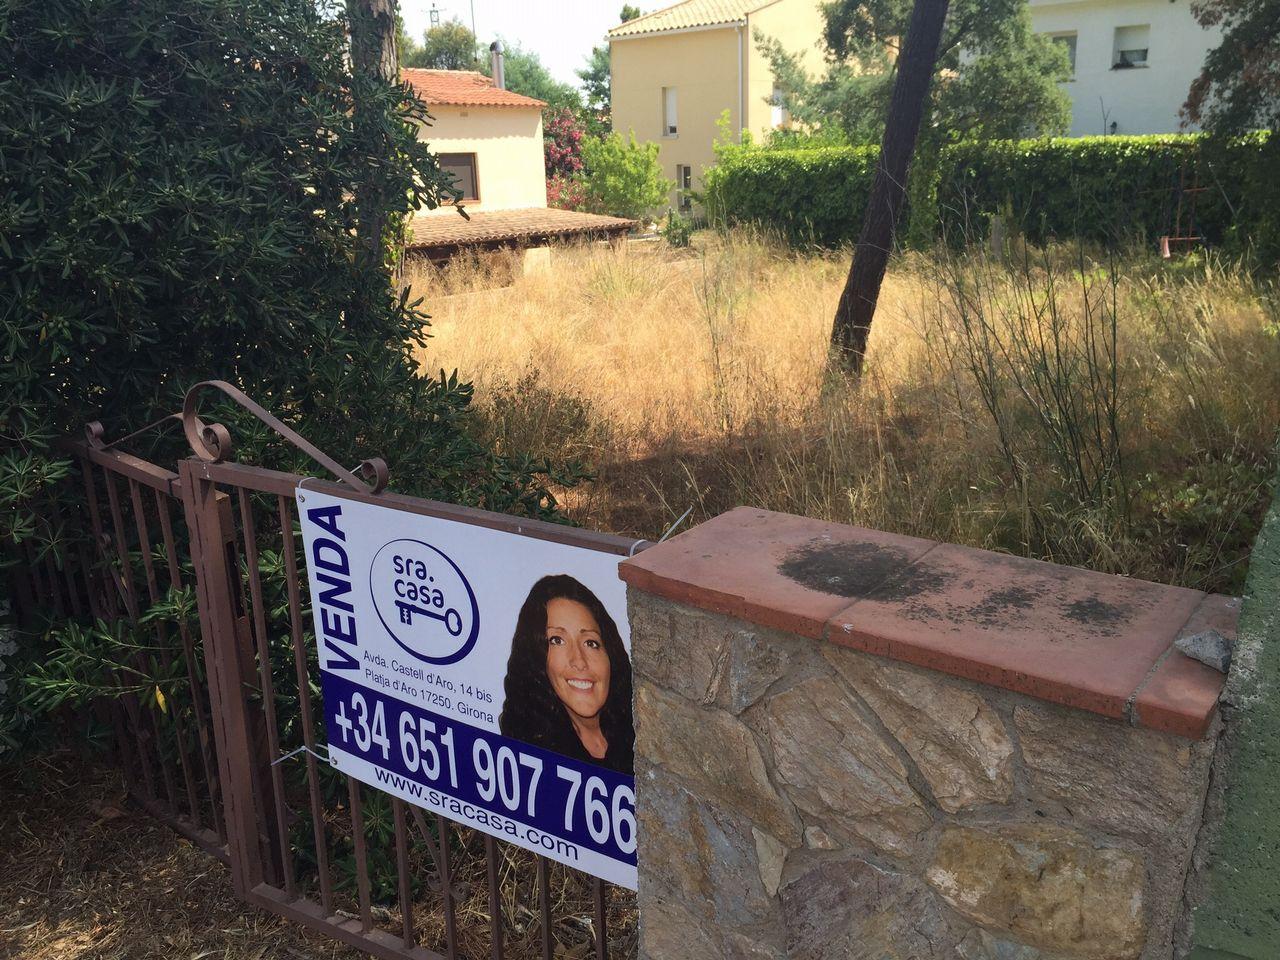 Terreno edificabili in Santa Cristina d'Aro, MAS TREMPAT, vendita